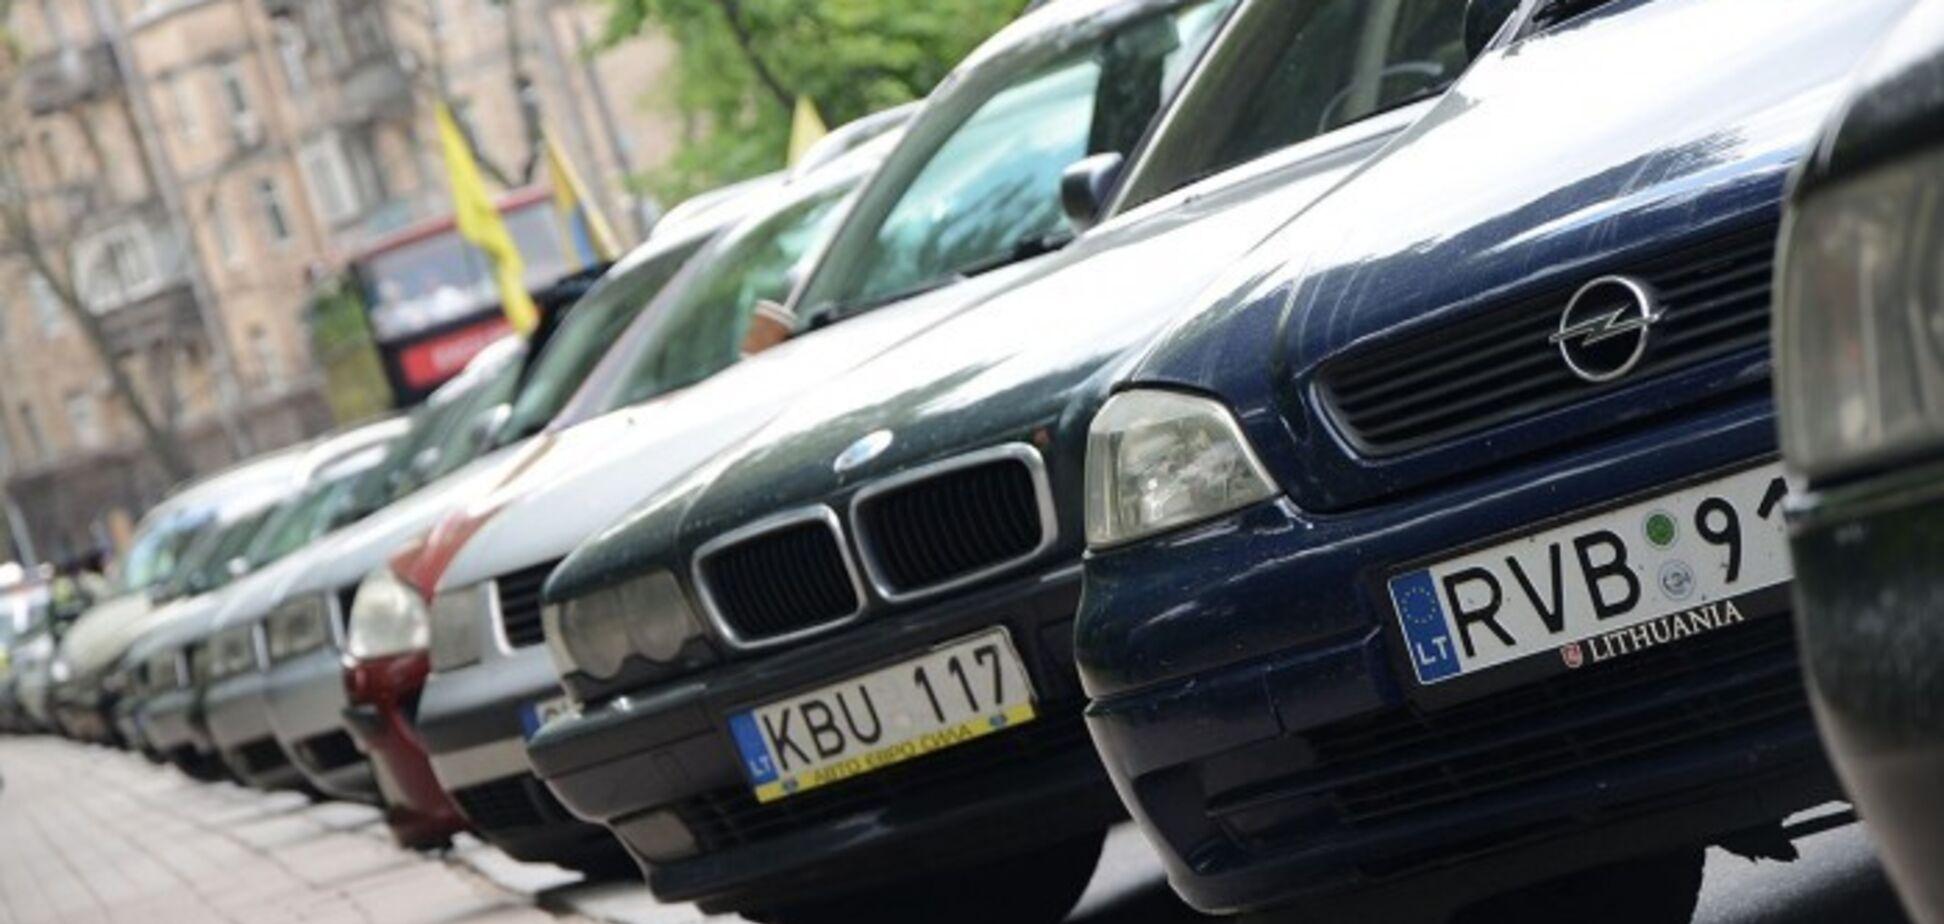 Розмитнення авто в Україні стало дешевшим і простішим: що трапилося